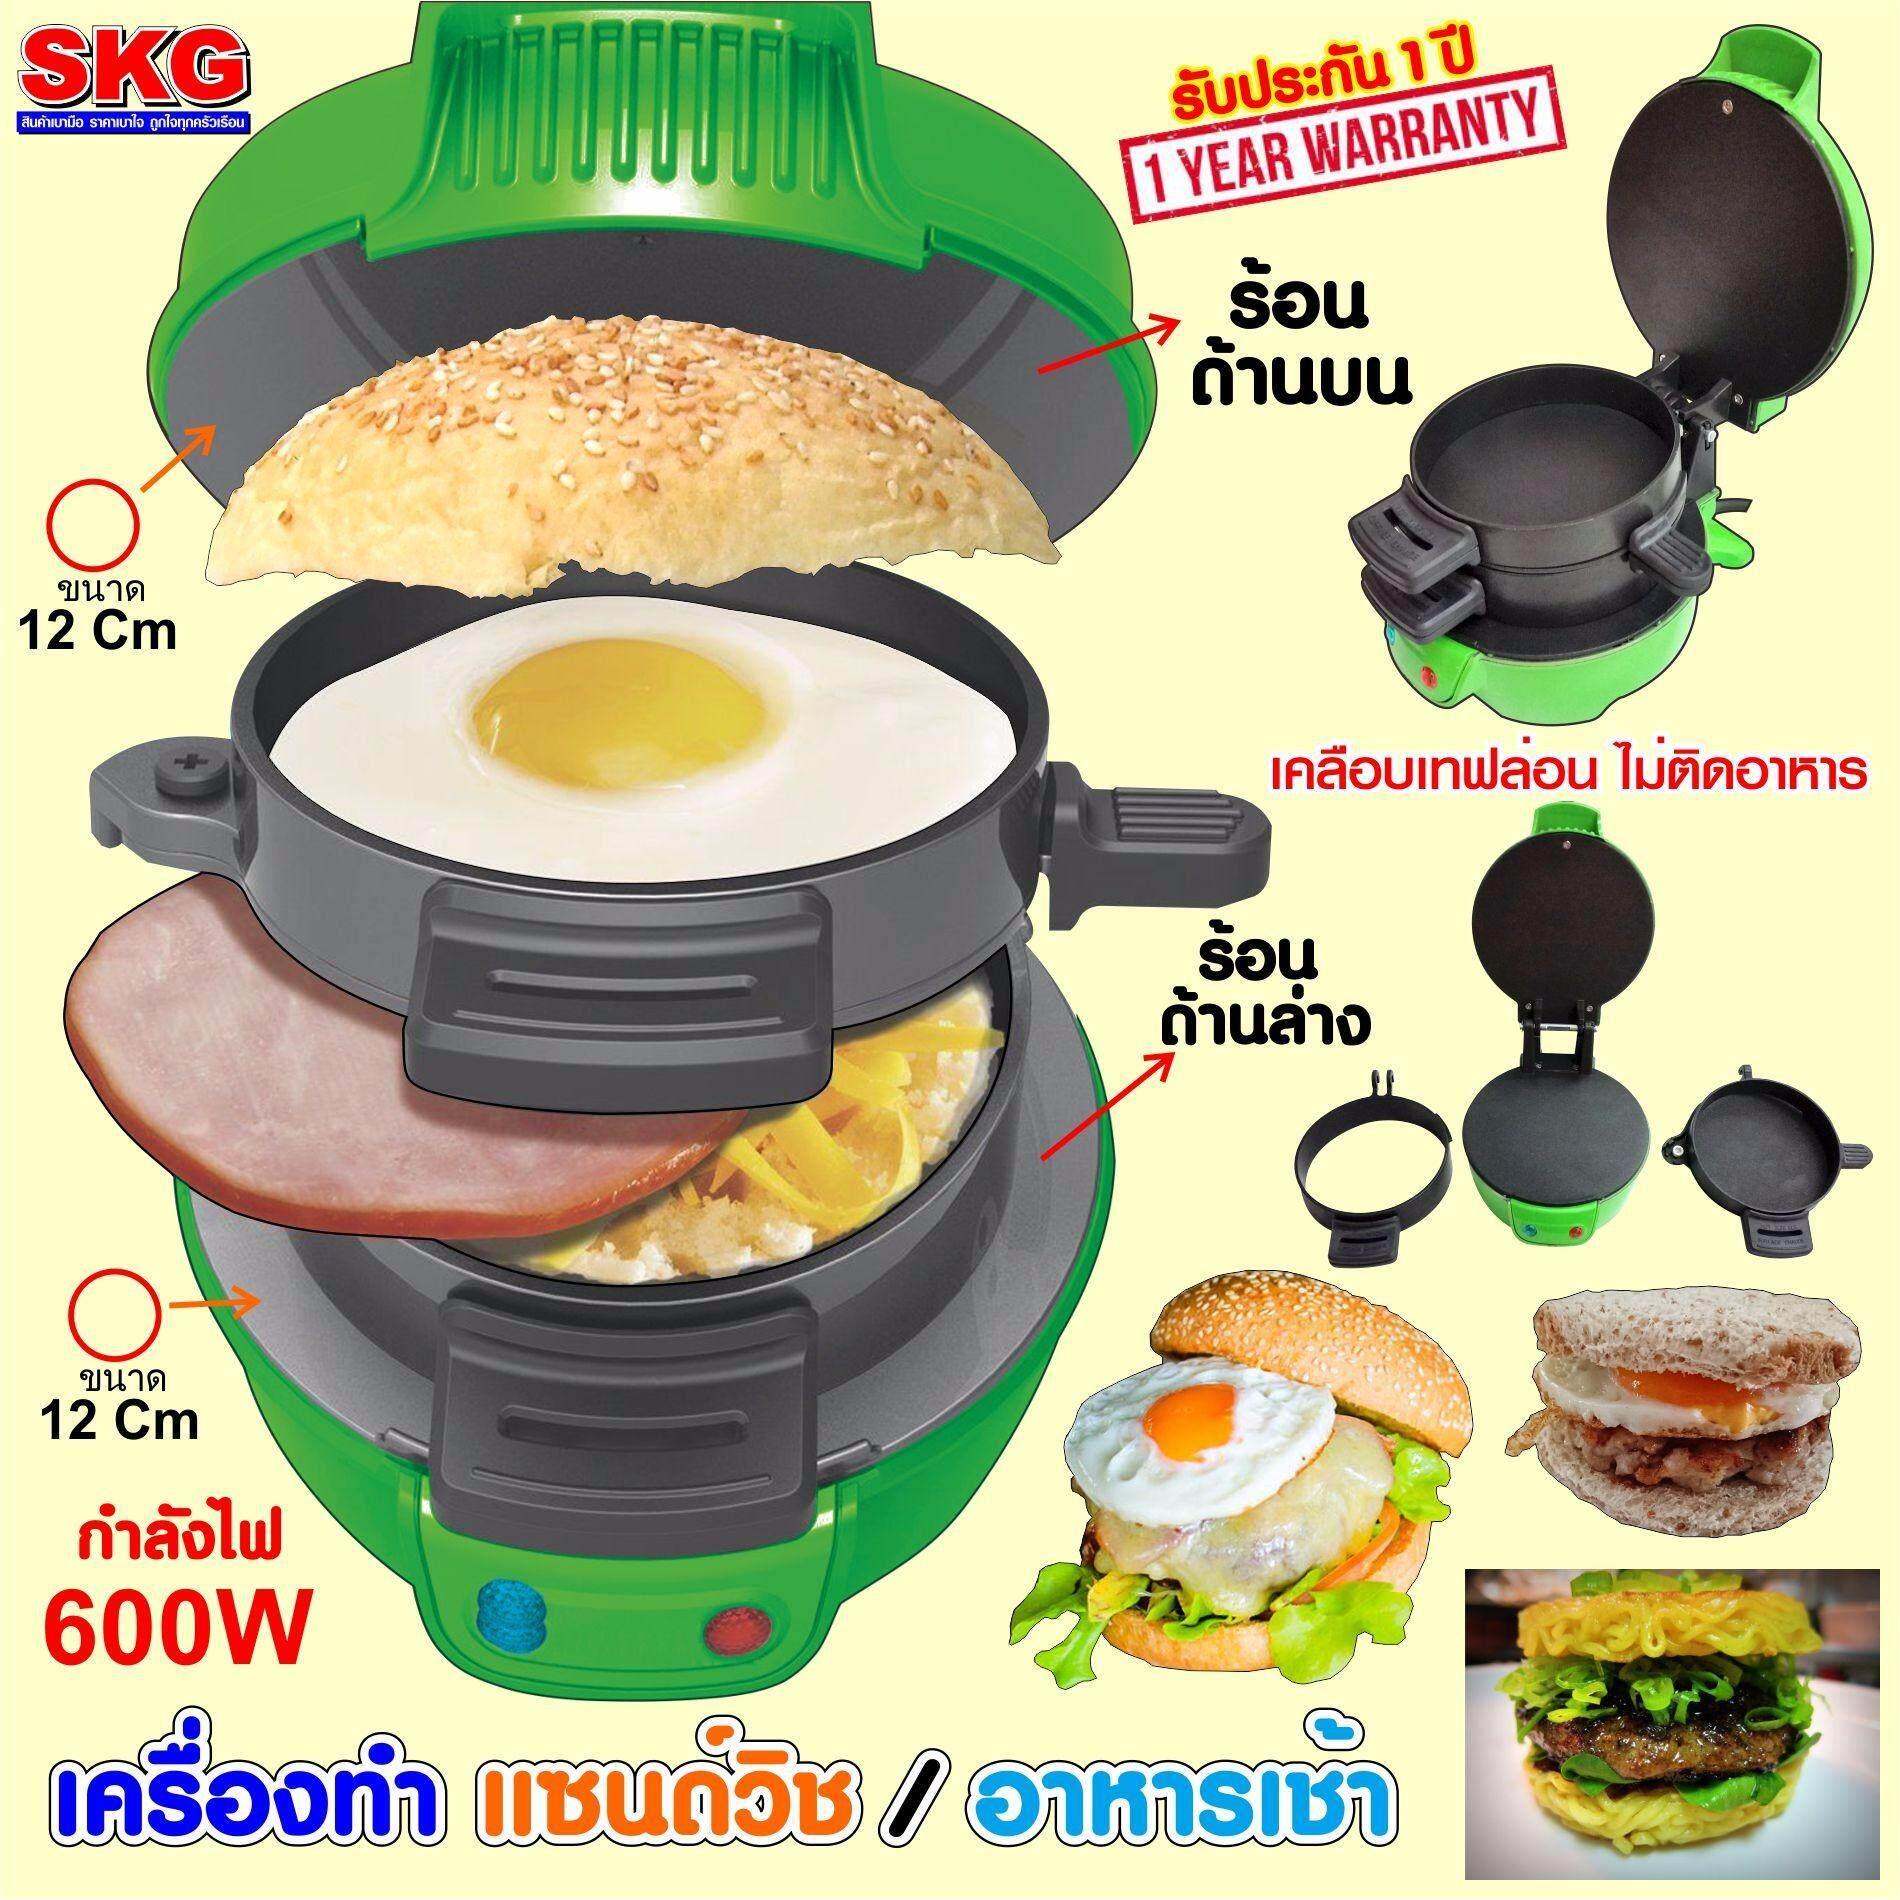 Skg เครื่องทำแซนด์วิช ทำอาหารเช้า รุ่น Xh 1313 สีเขียว ถูก